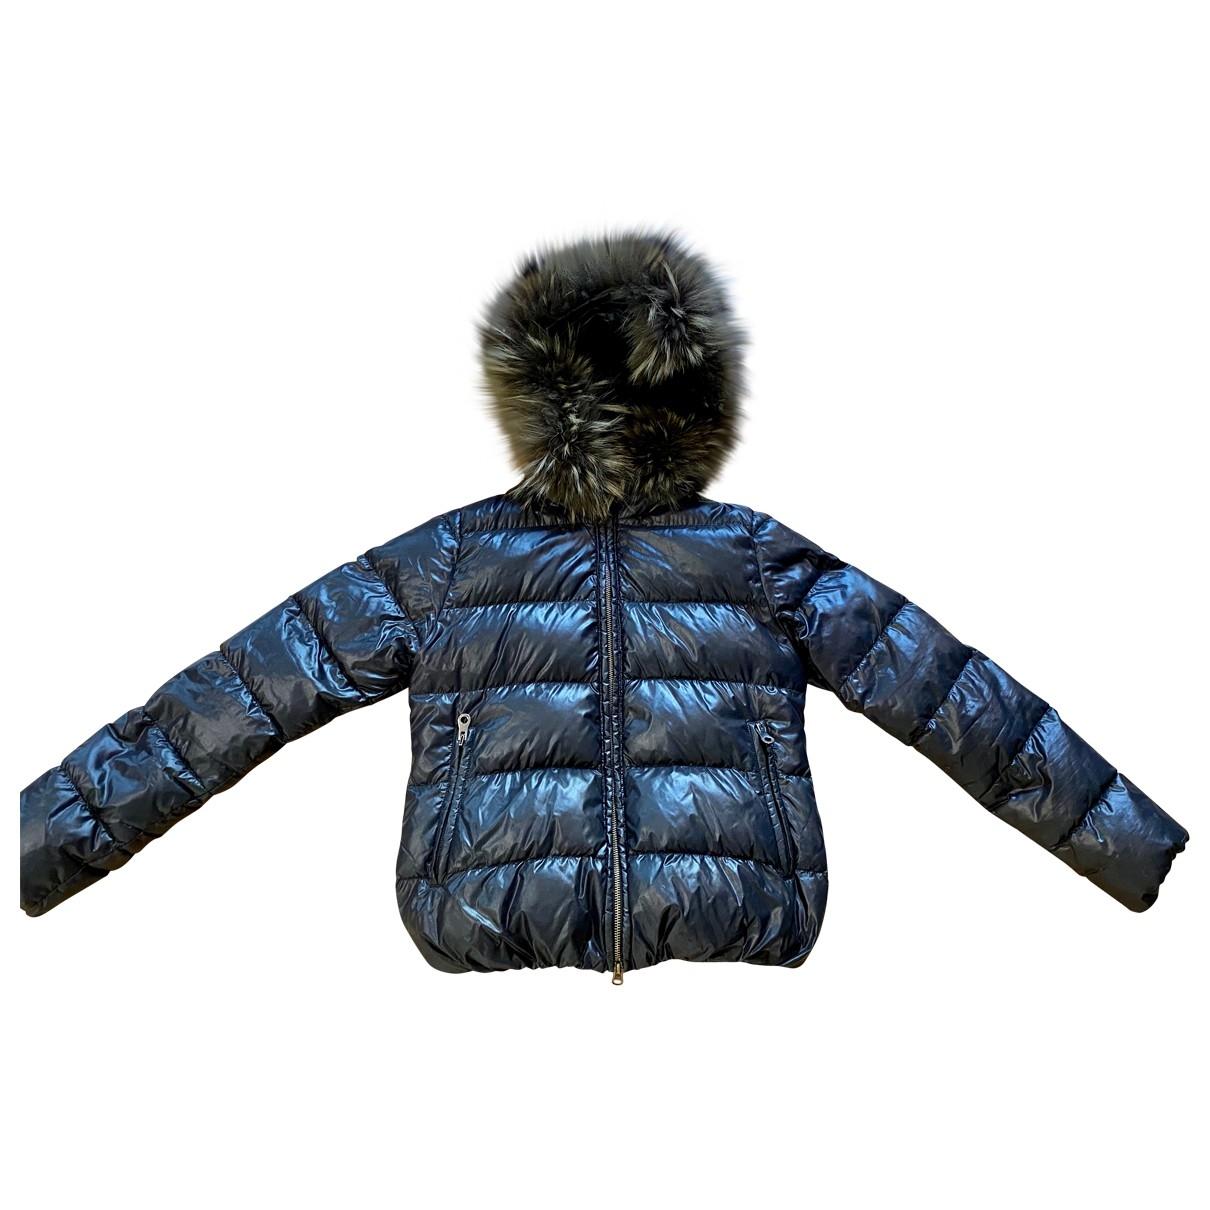 Duvetica \N Black jacket for Women M International